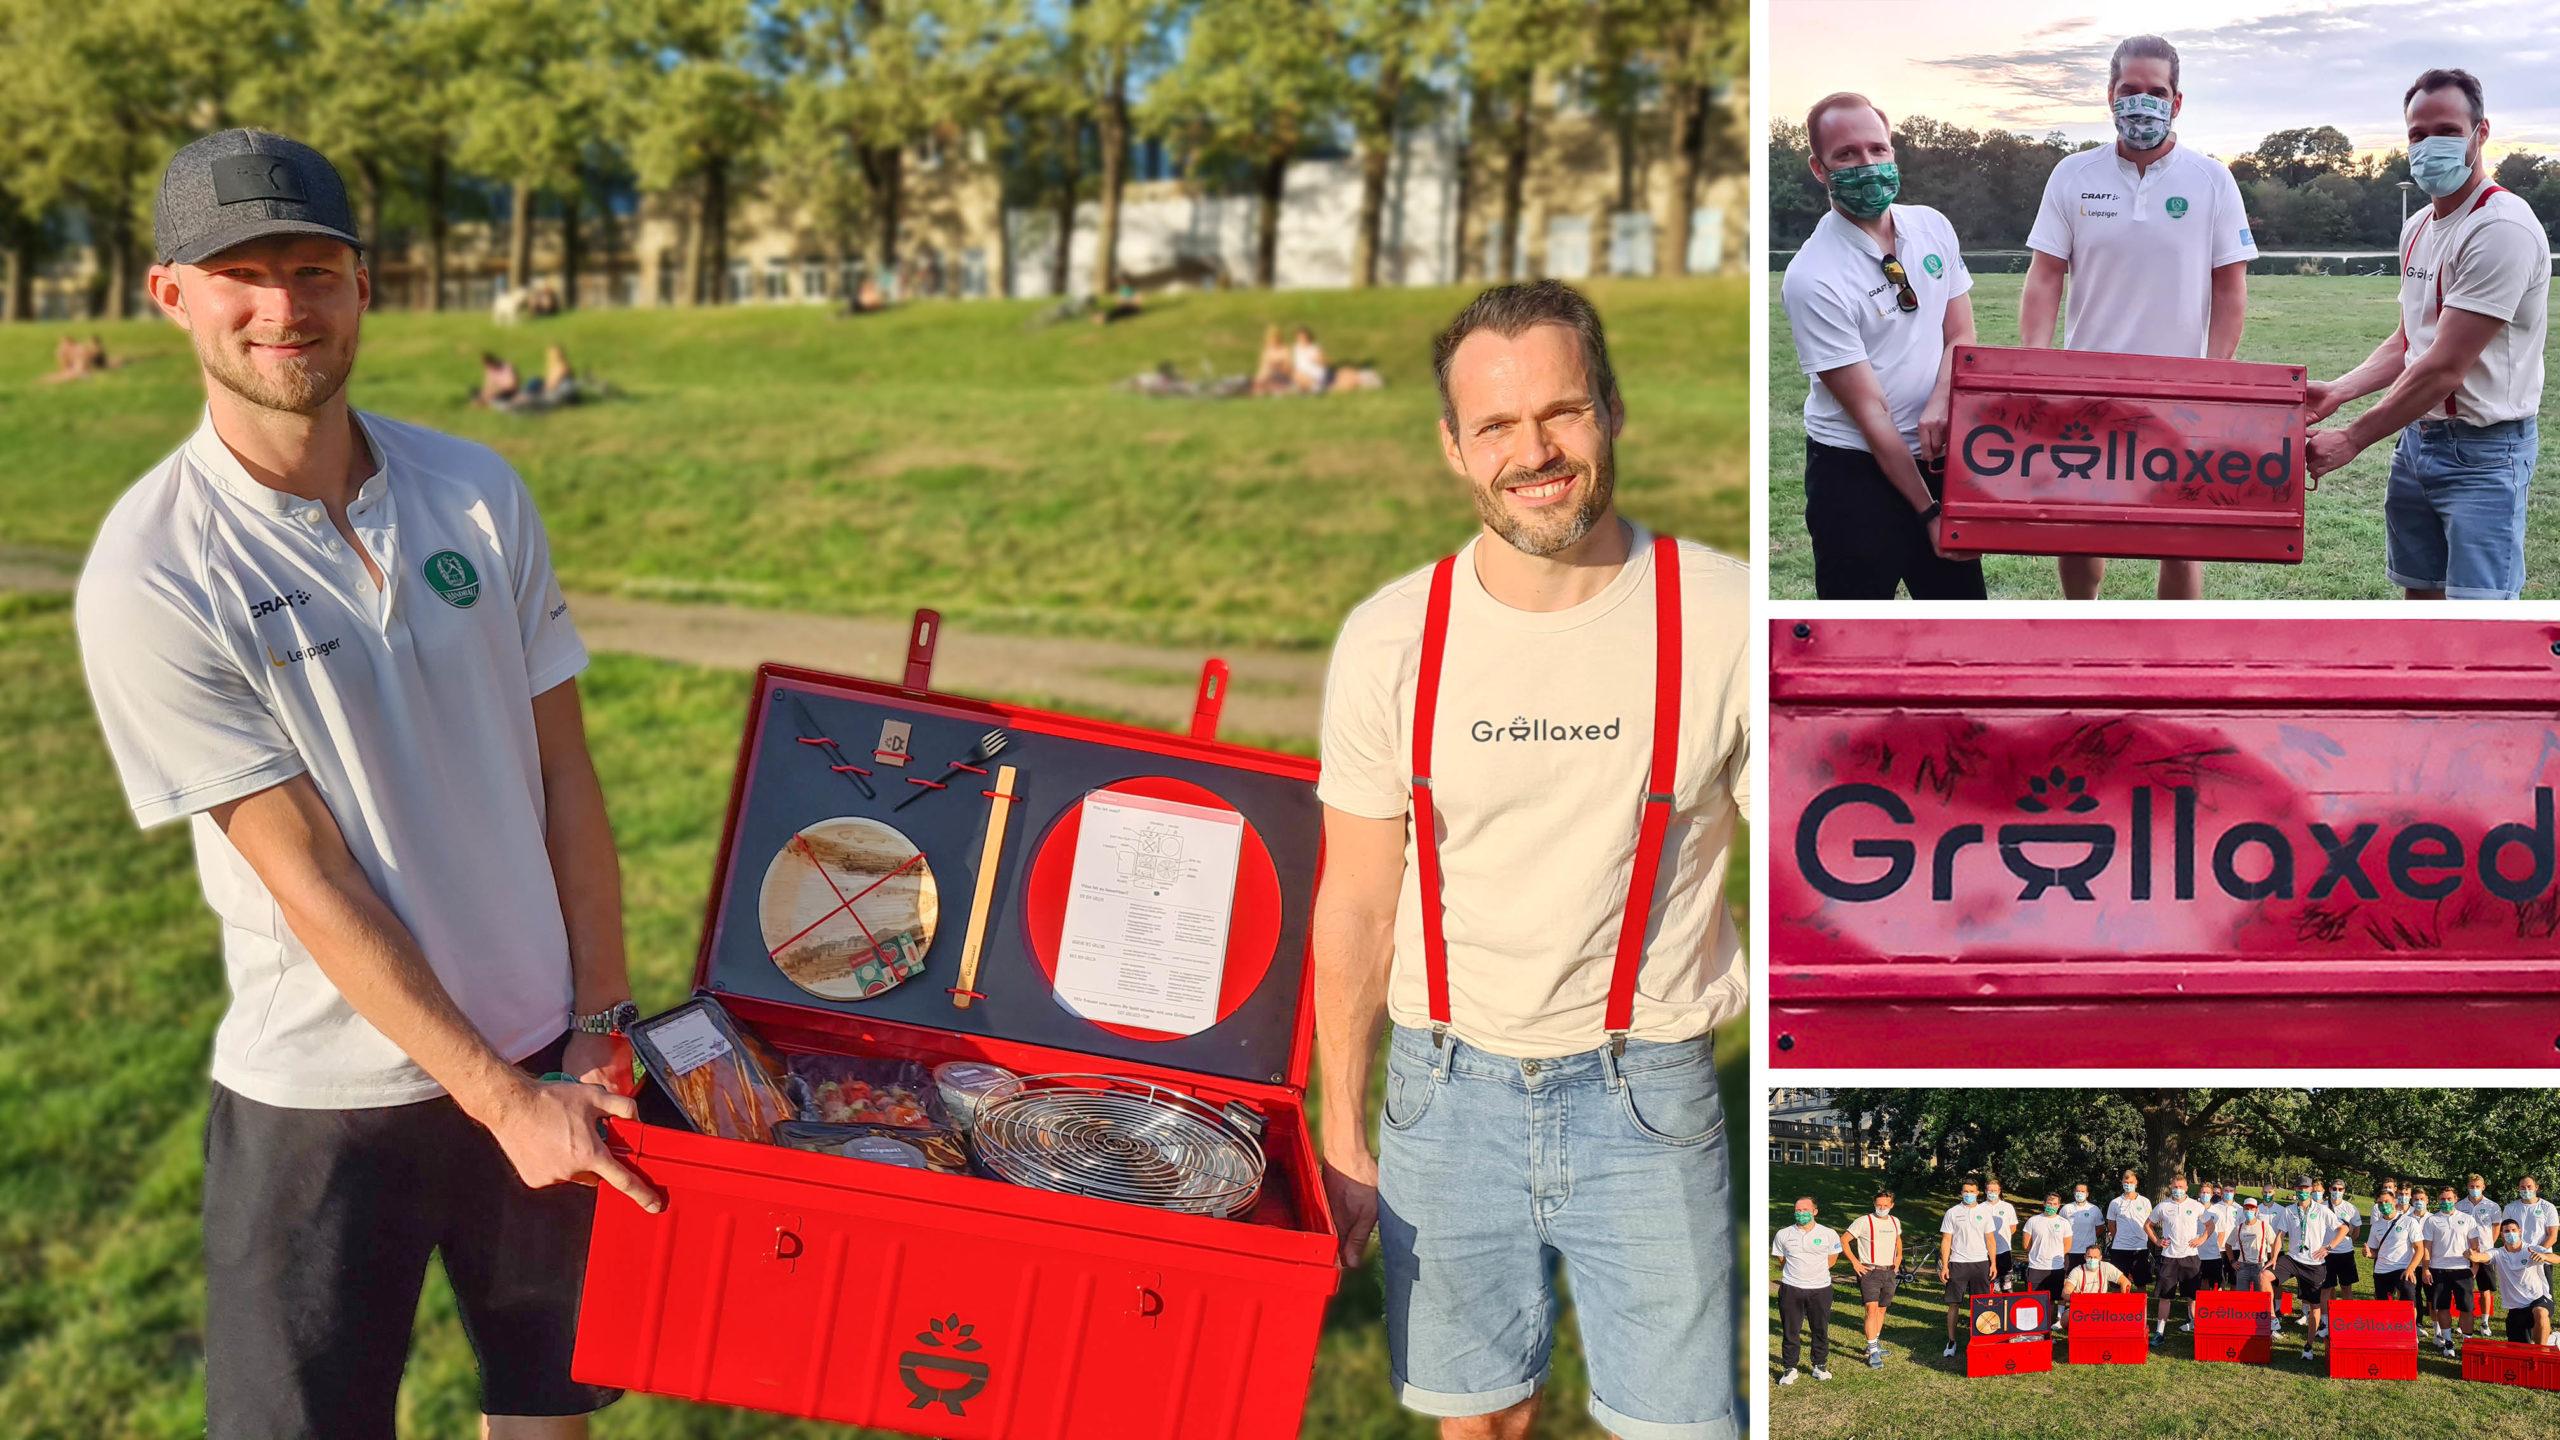 GRILLAXED startet Crowdfunding und unterstützt den DHfK-Nachwuchs!